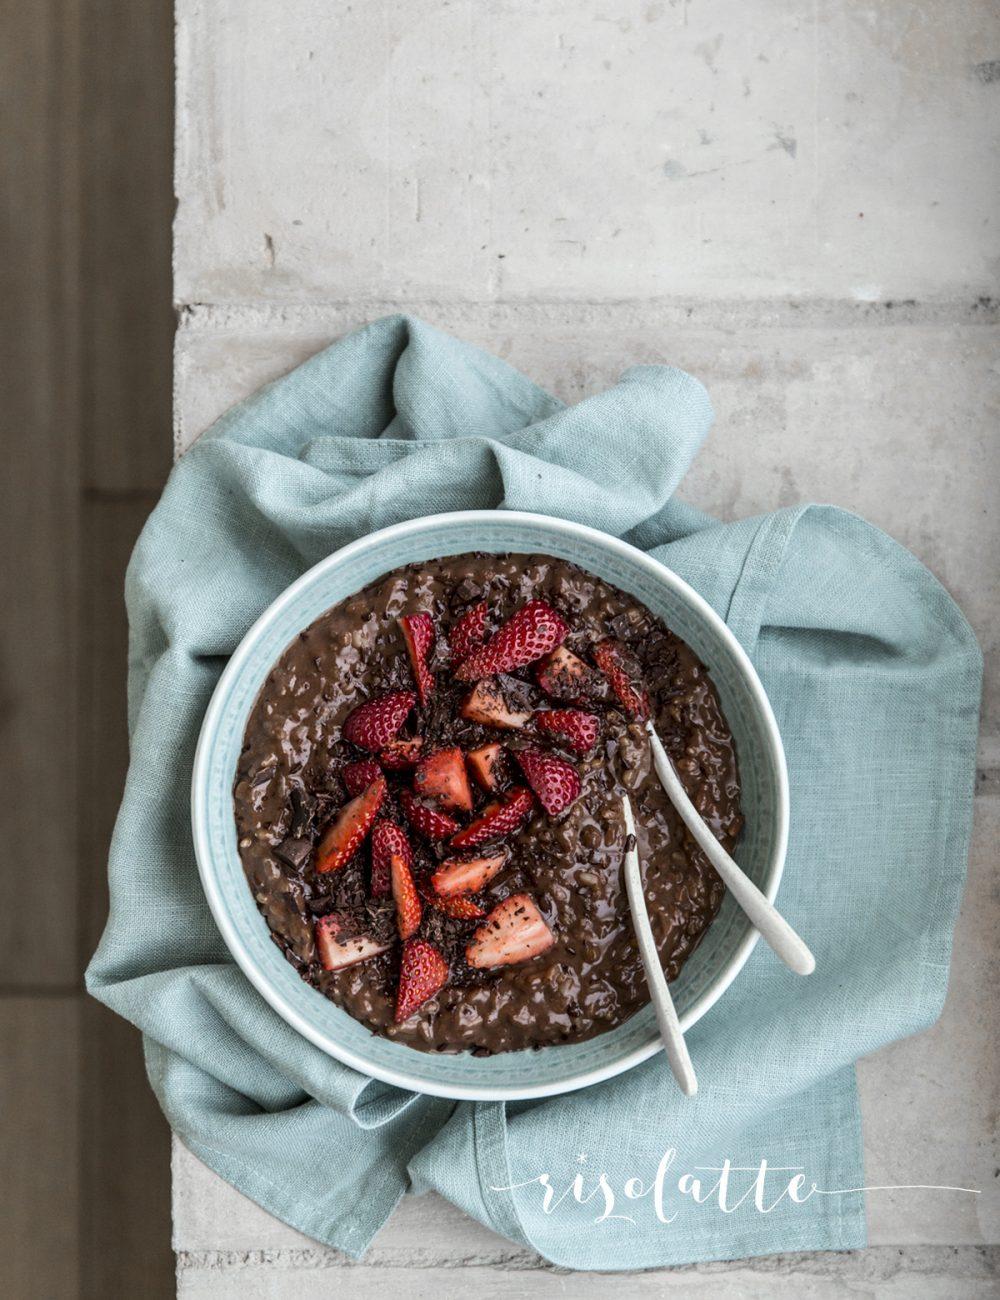 Risolatte cioccolato e fragole | Vaniglia Storie di Cucina